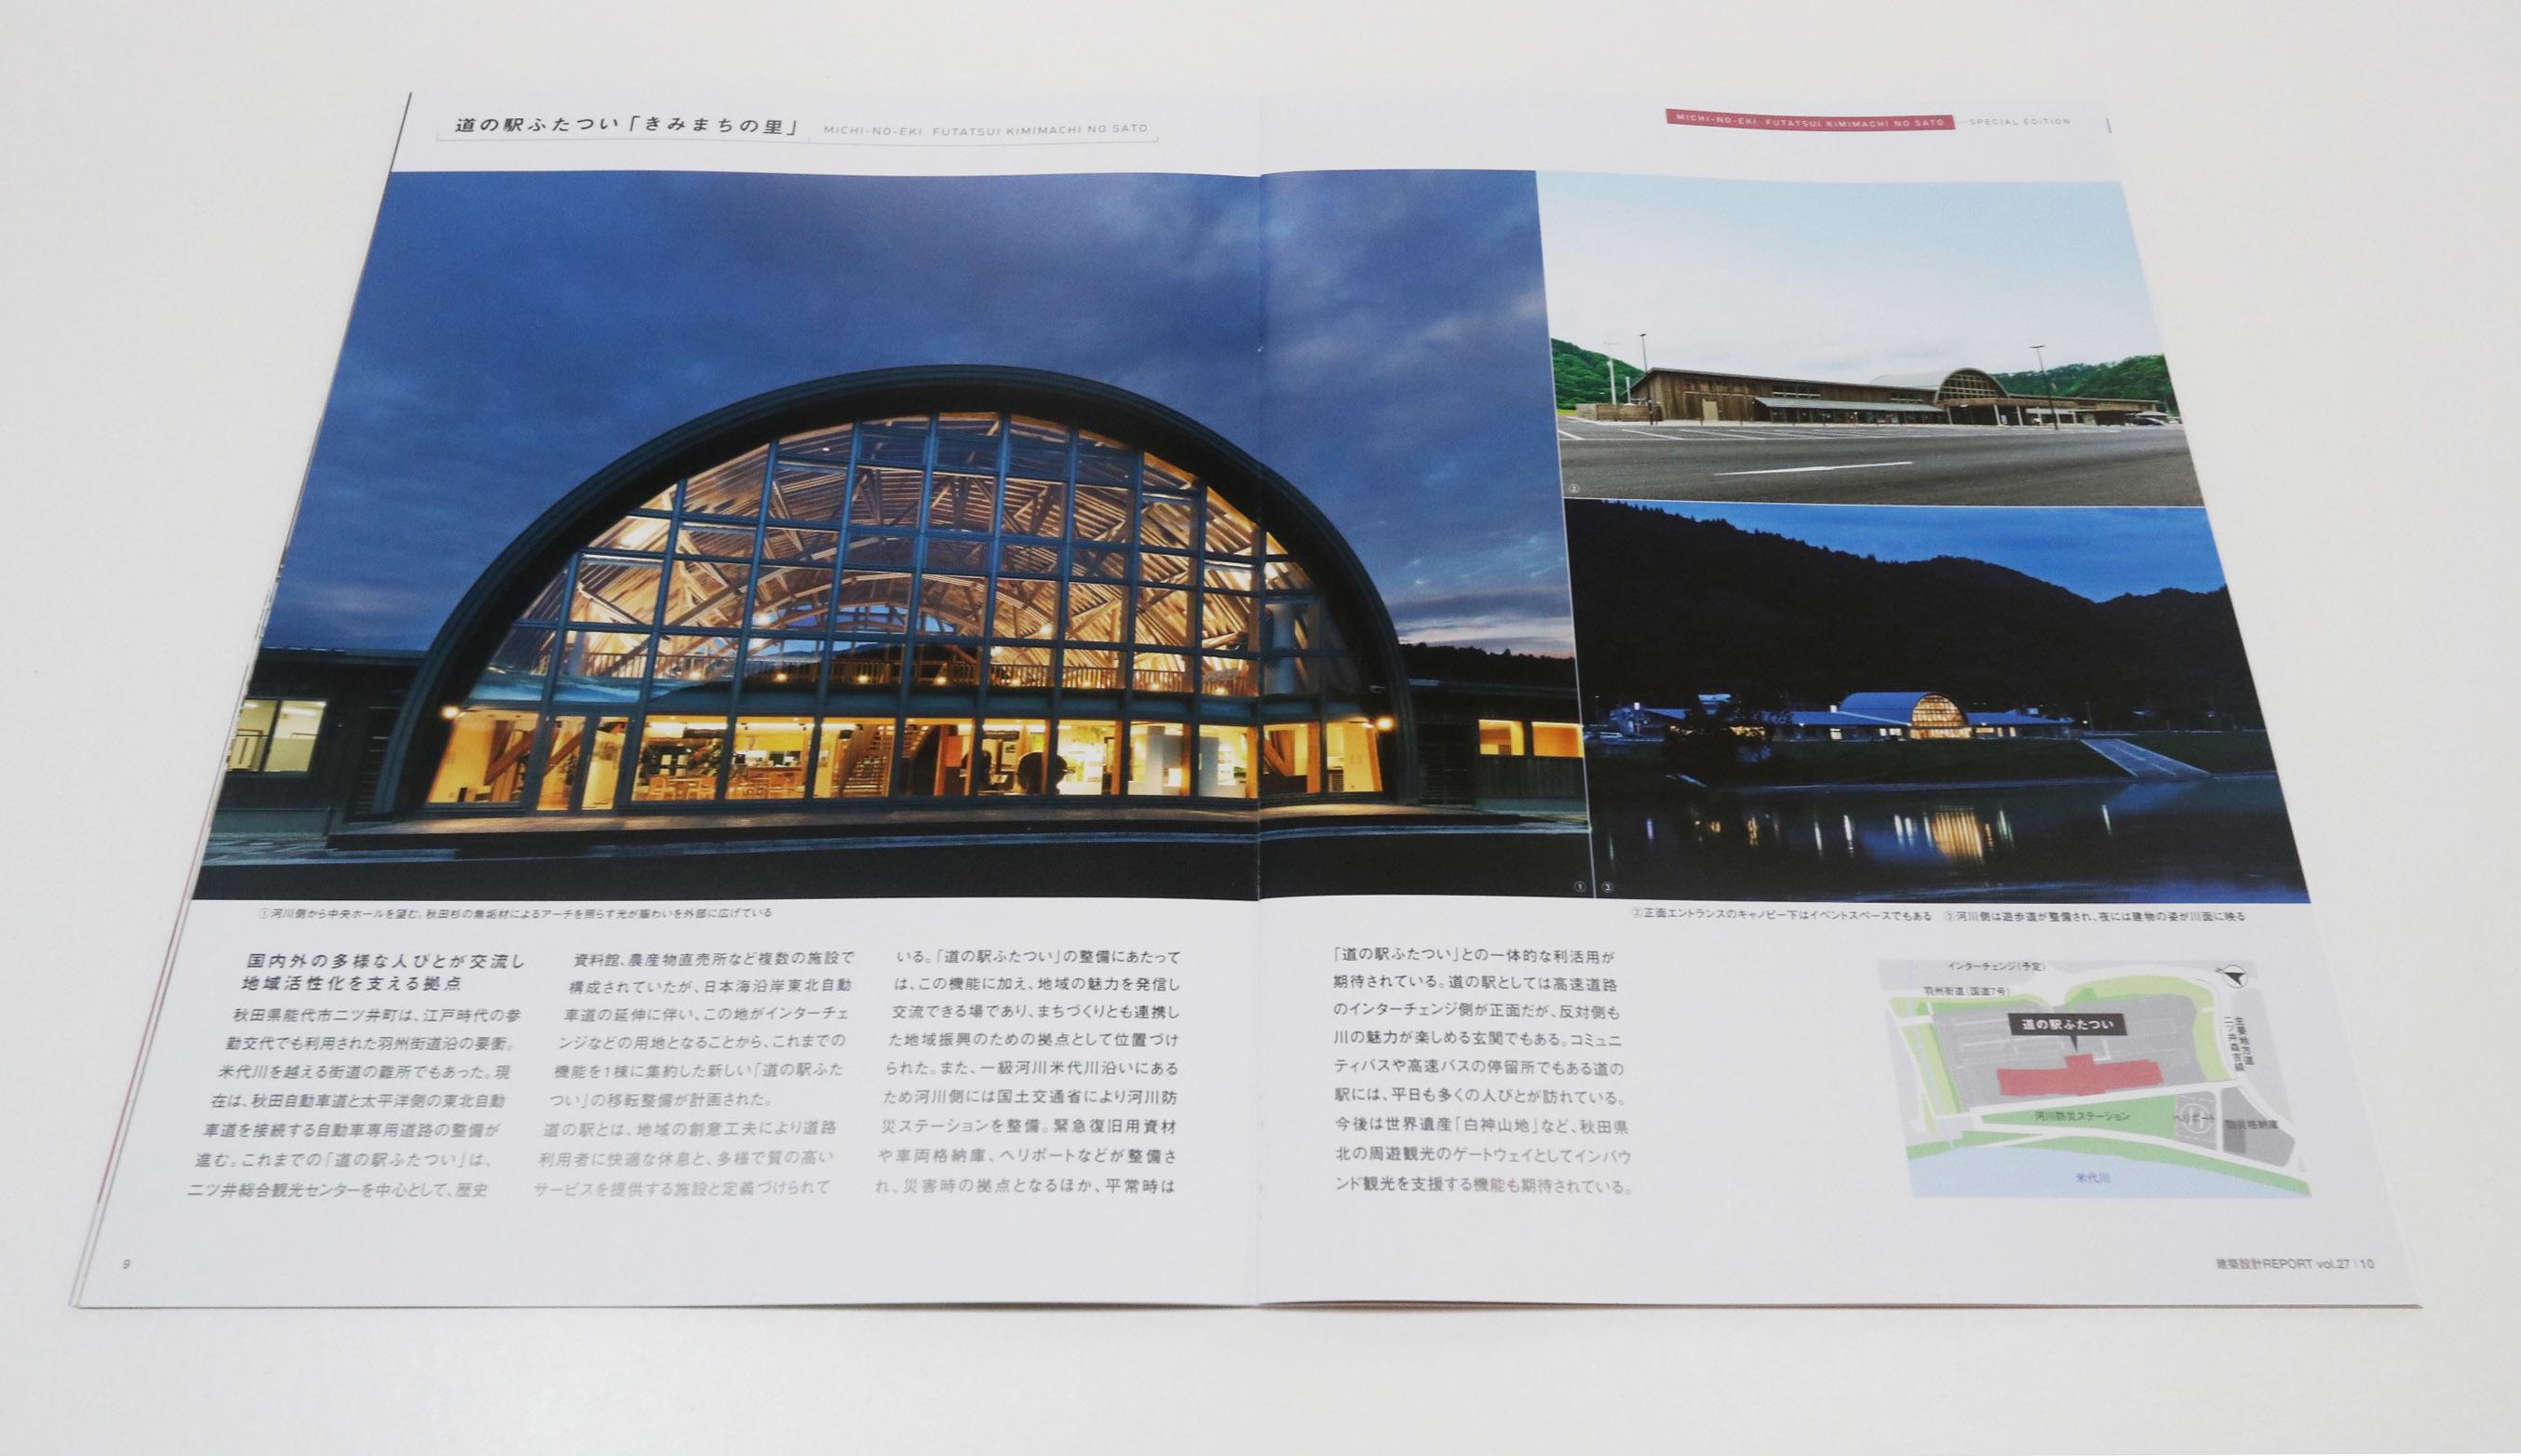 道の駅ふたつい:Panasonic 建築設計 REPORT_e0054299_11152466.jpg